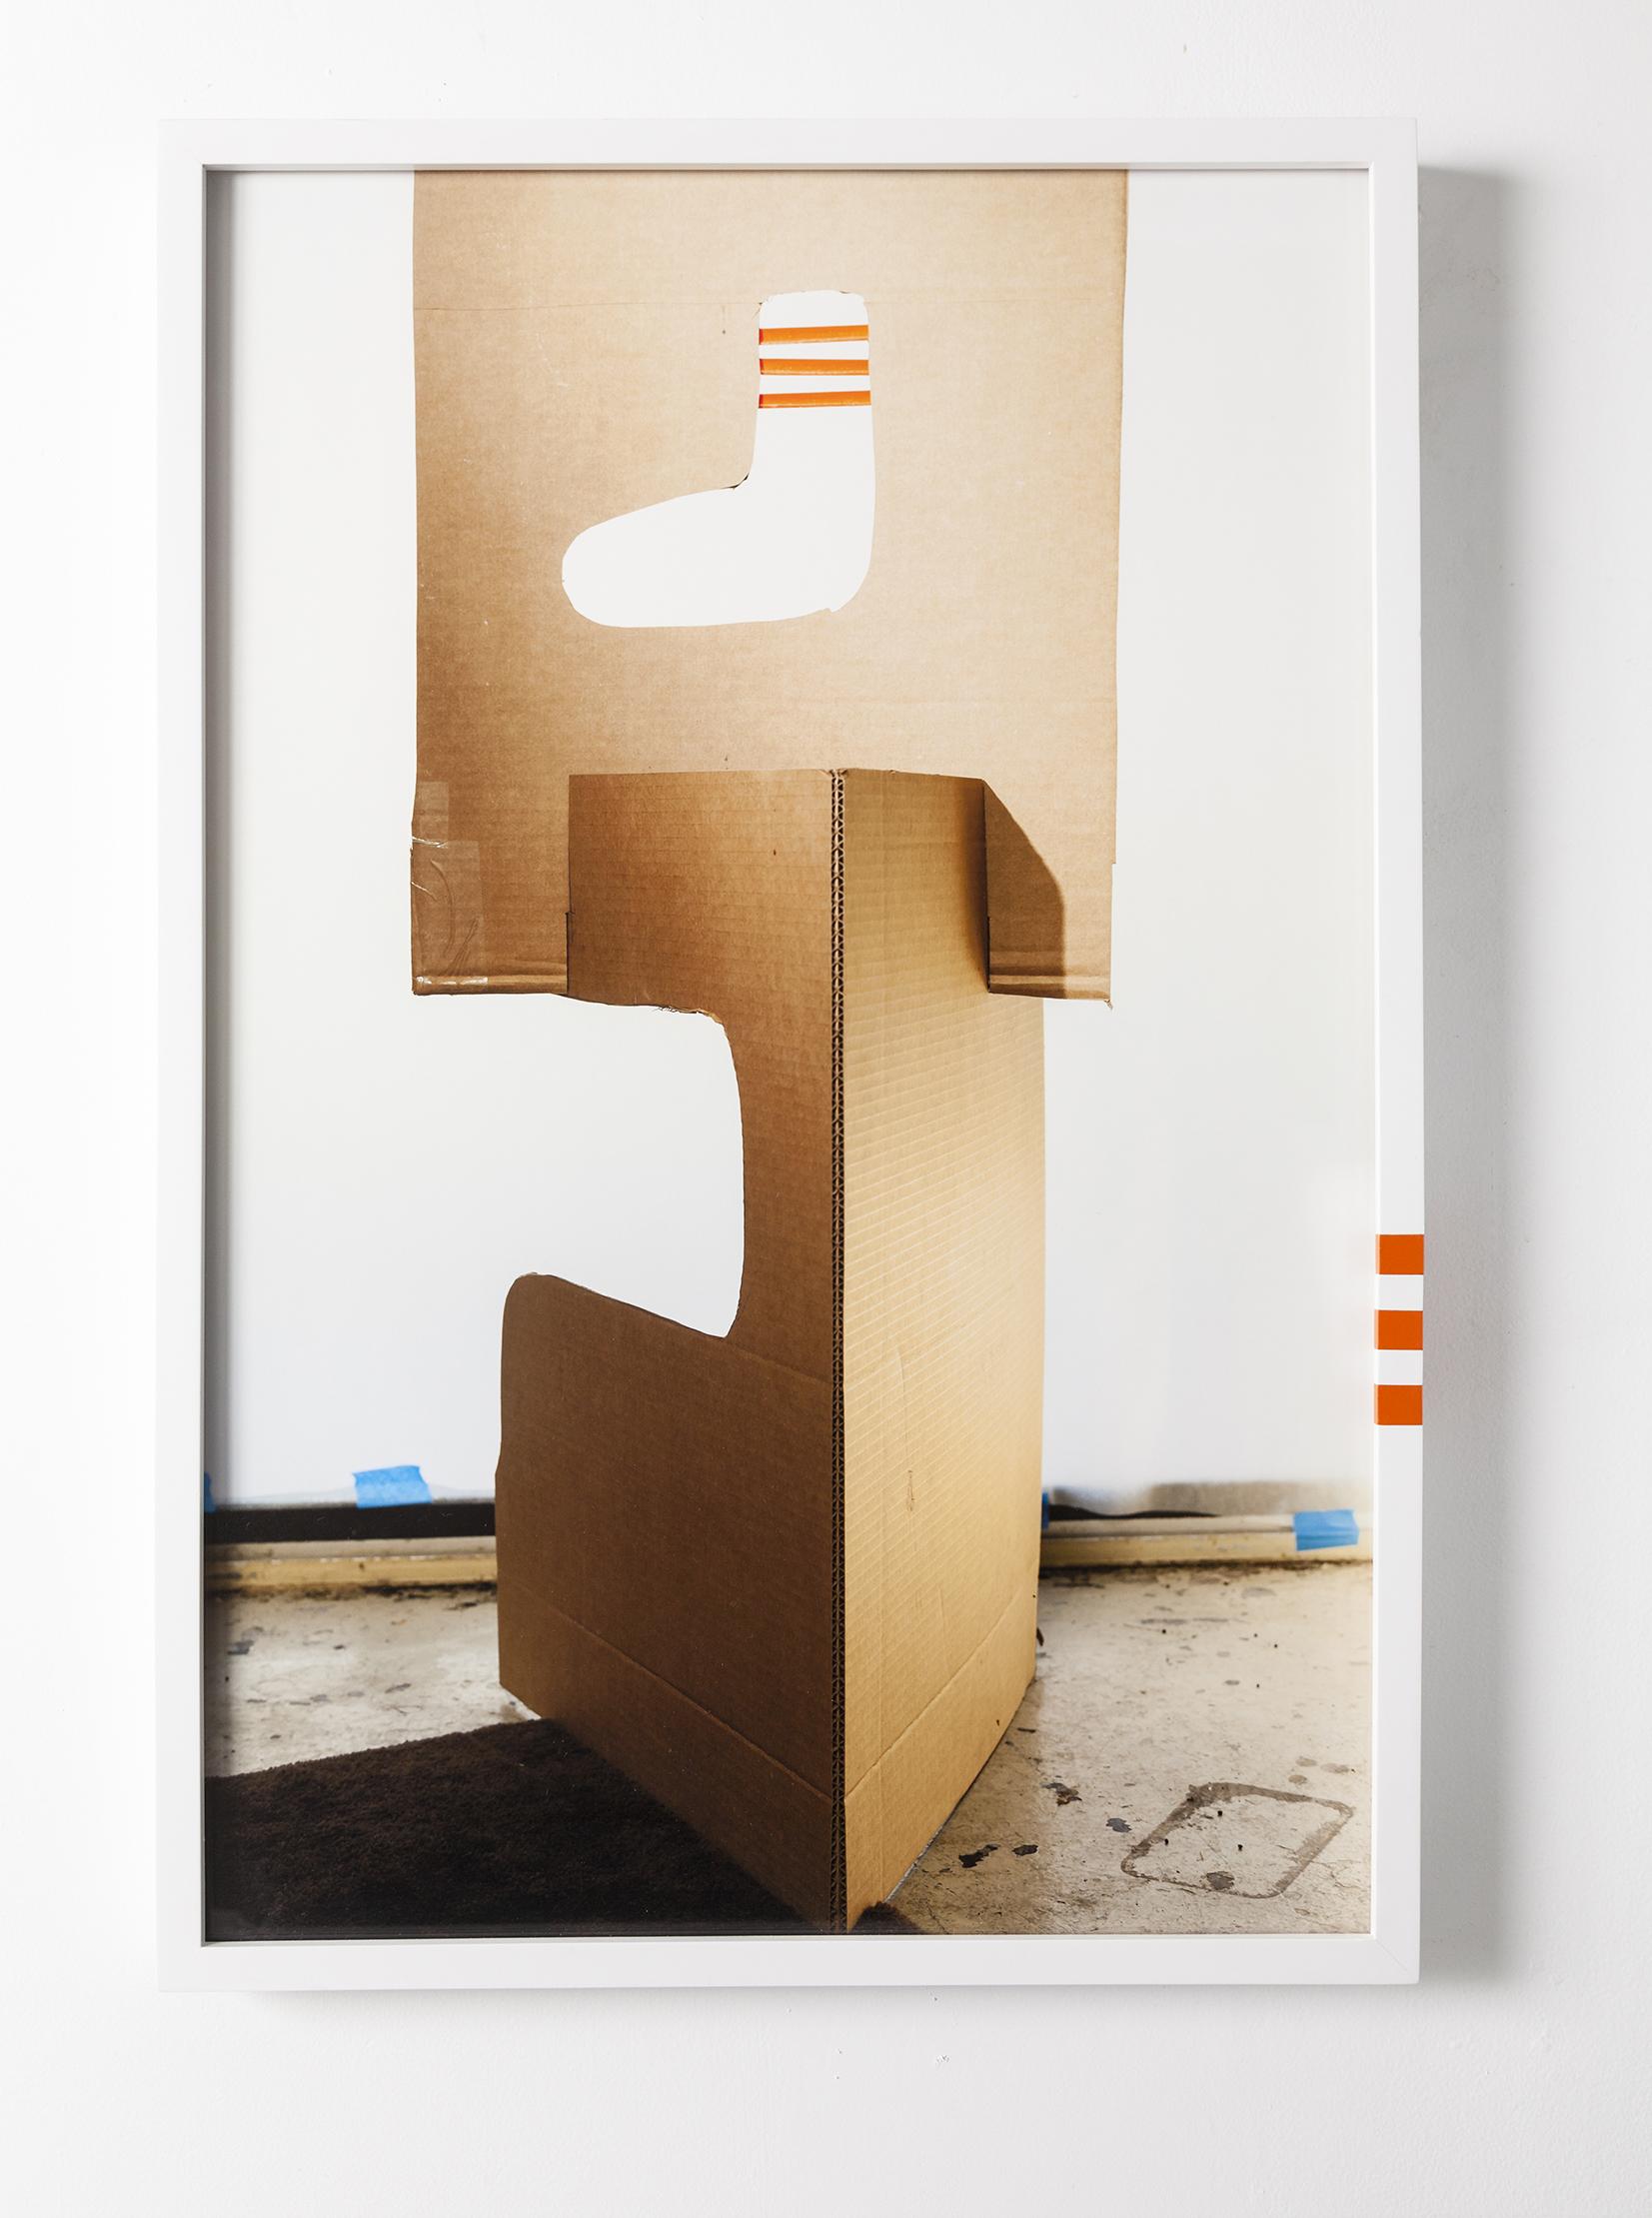 """Barbara Weissberger """"Sock/Not Sock"""", 2017, digital photograph/archival pigment print, artist frame, 30"""" x 20""""   http://barbaraweissberger.net"""